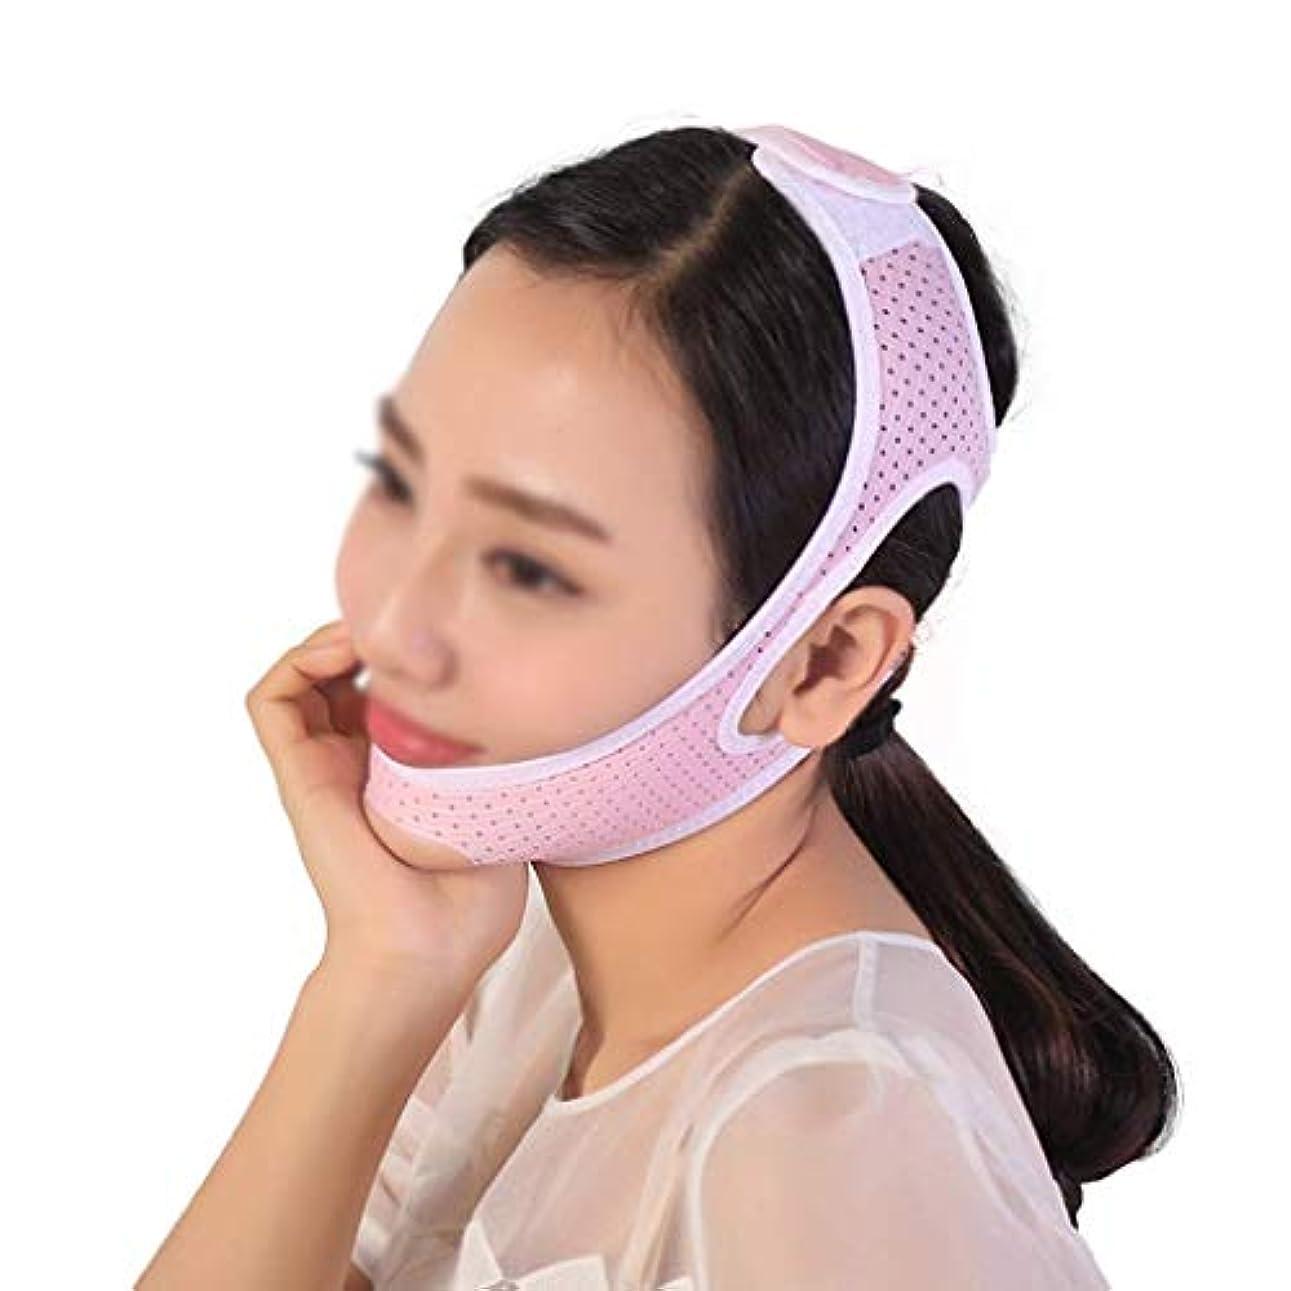 マンハッタン経済的呼び起こすフェイスリフトマスク、顔の皮膚の首のあごのラインを改善、リフトフェイス、細い頬マスク、細いチンチーク細いV(ピンク)(サイズ:M),M